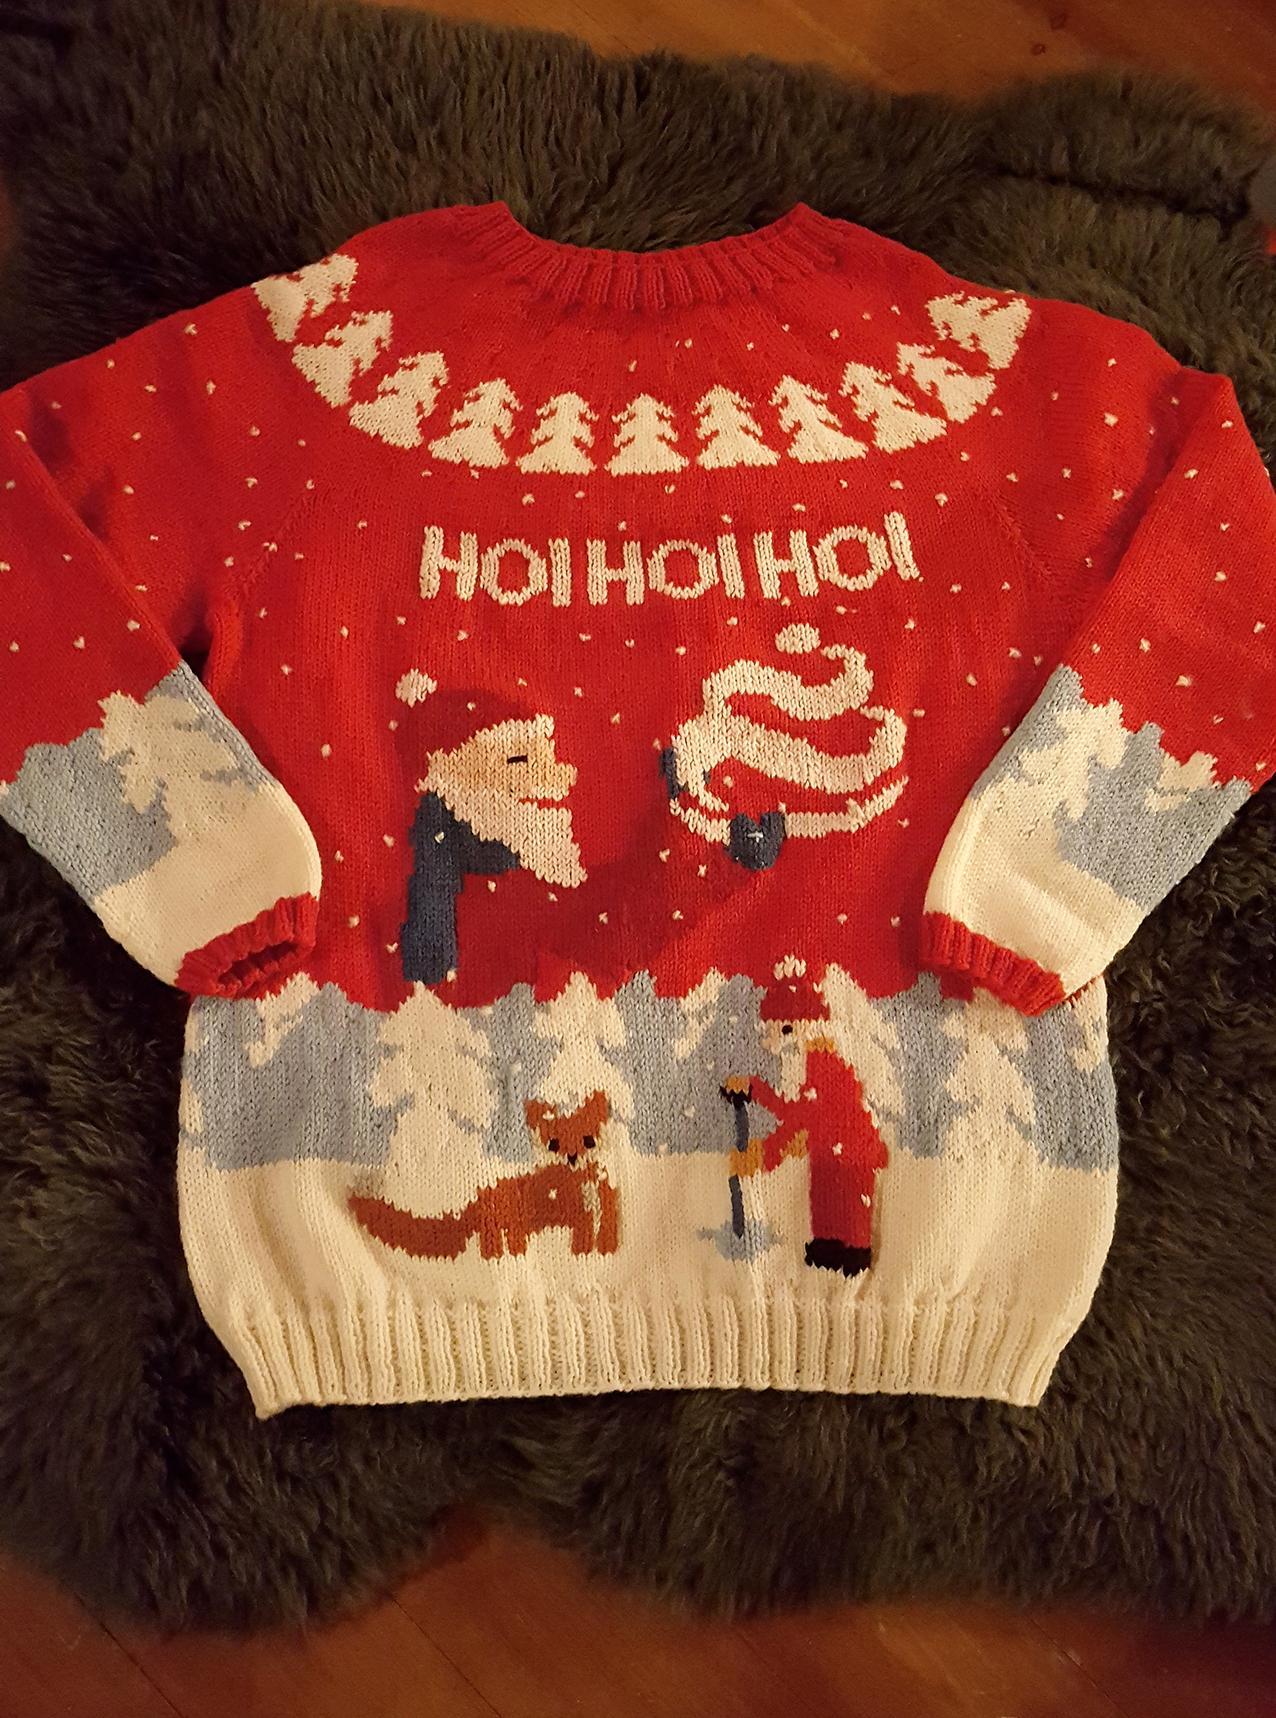 FIRMAGENSER: Pia Jørgensen har strikket denne genseren på oppdrag fra Hennig-Olsen Is. Foto: Privat